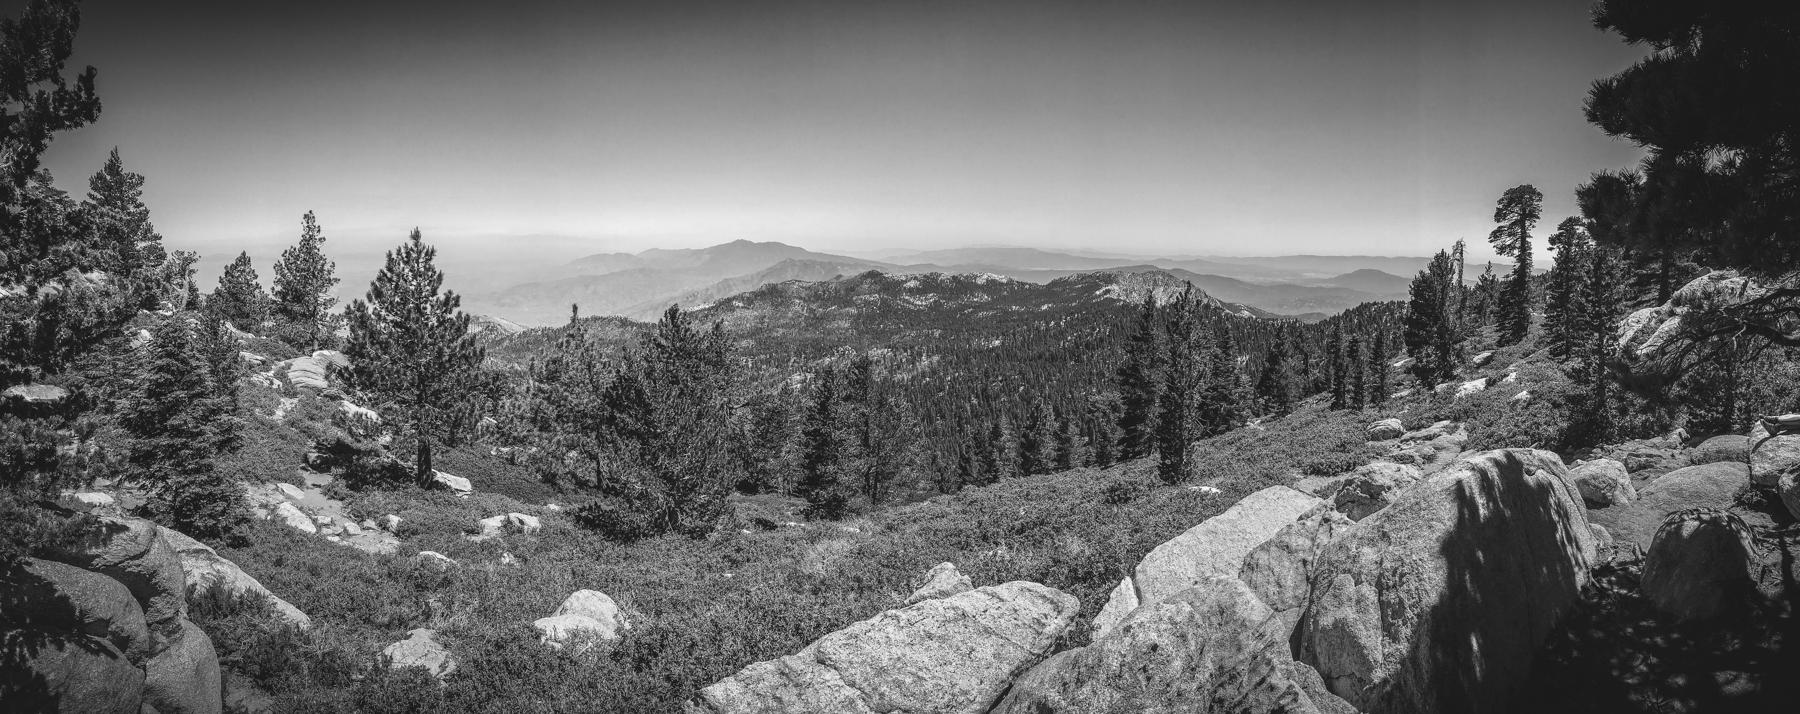 2017-07-02 San Jacinto Peak B (5 of 30).jpg